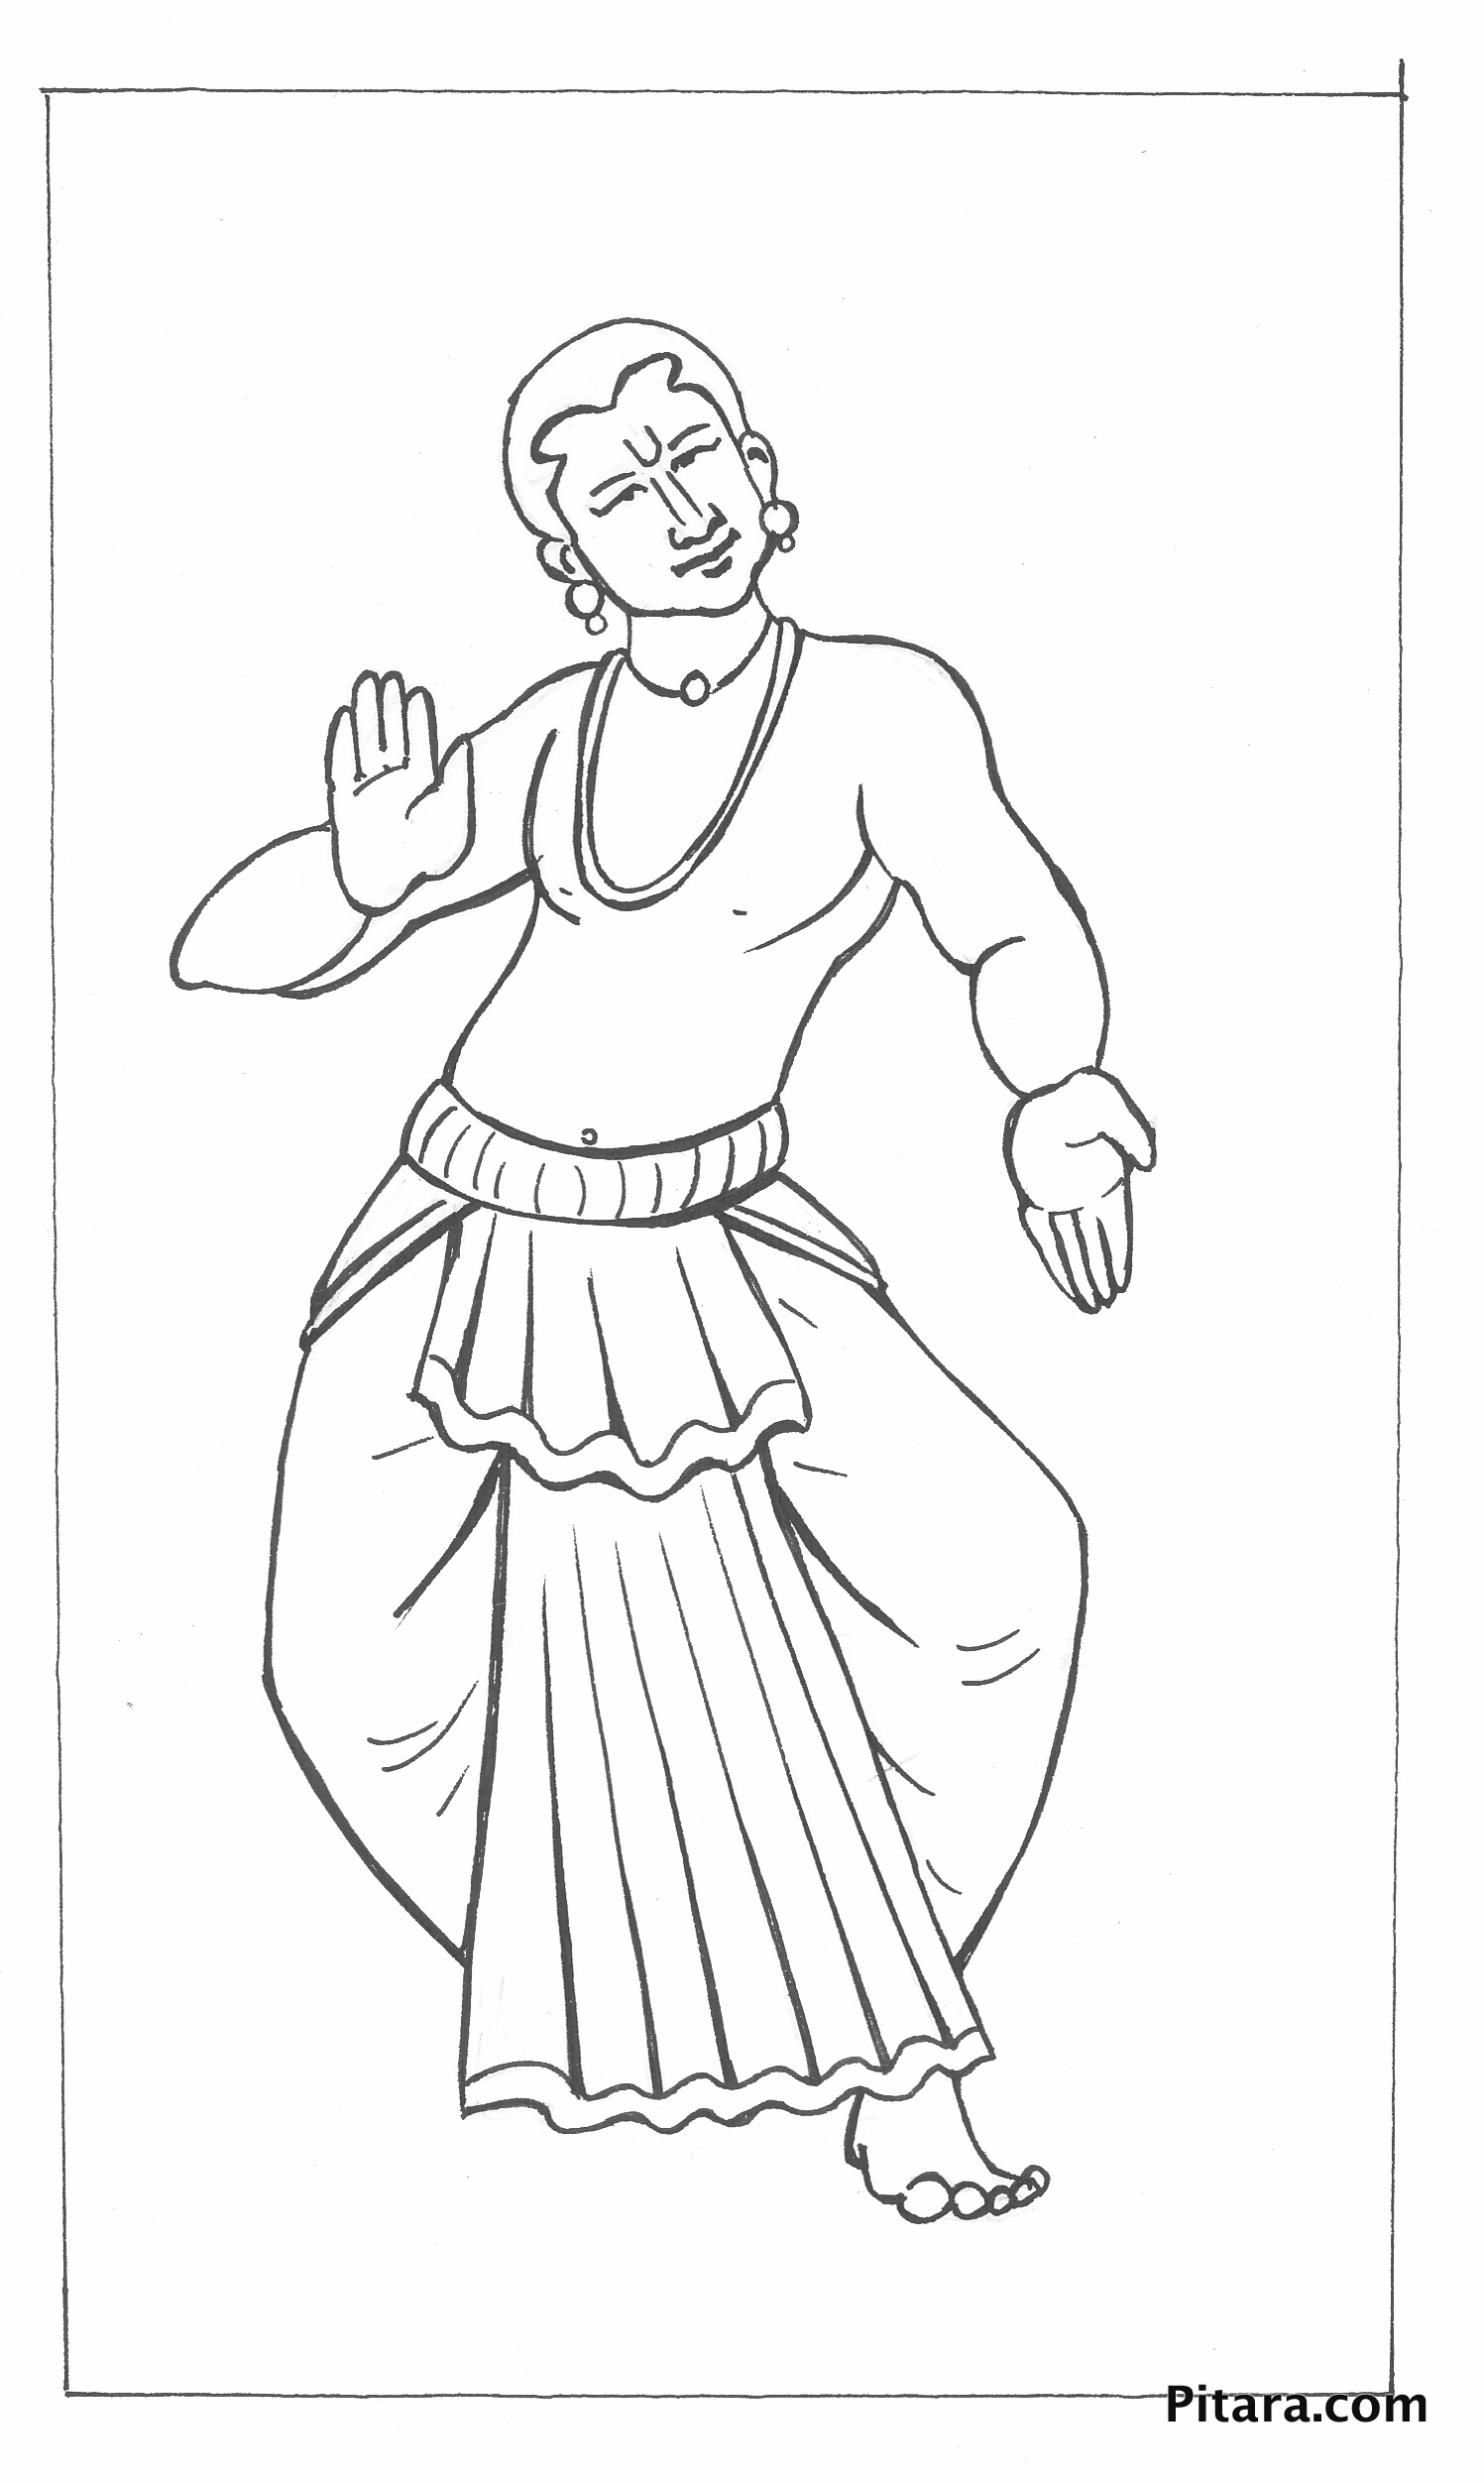 Kuchipudi dancer